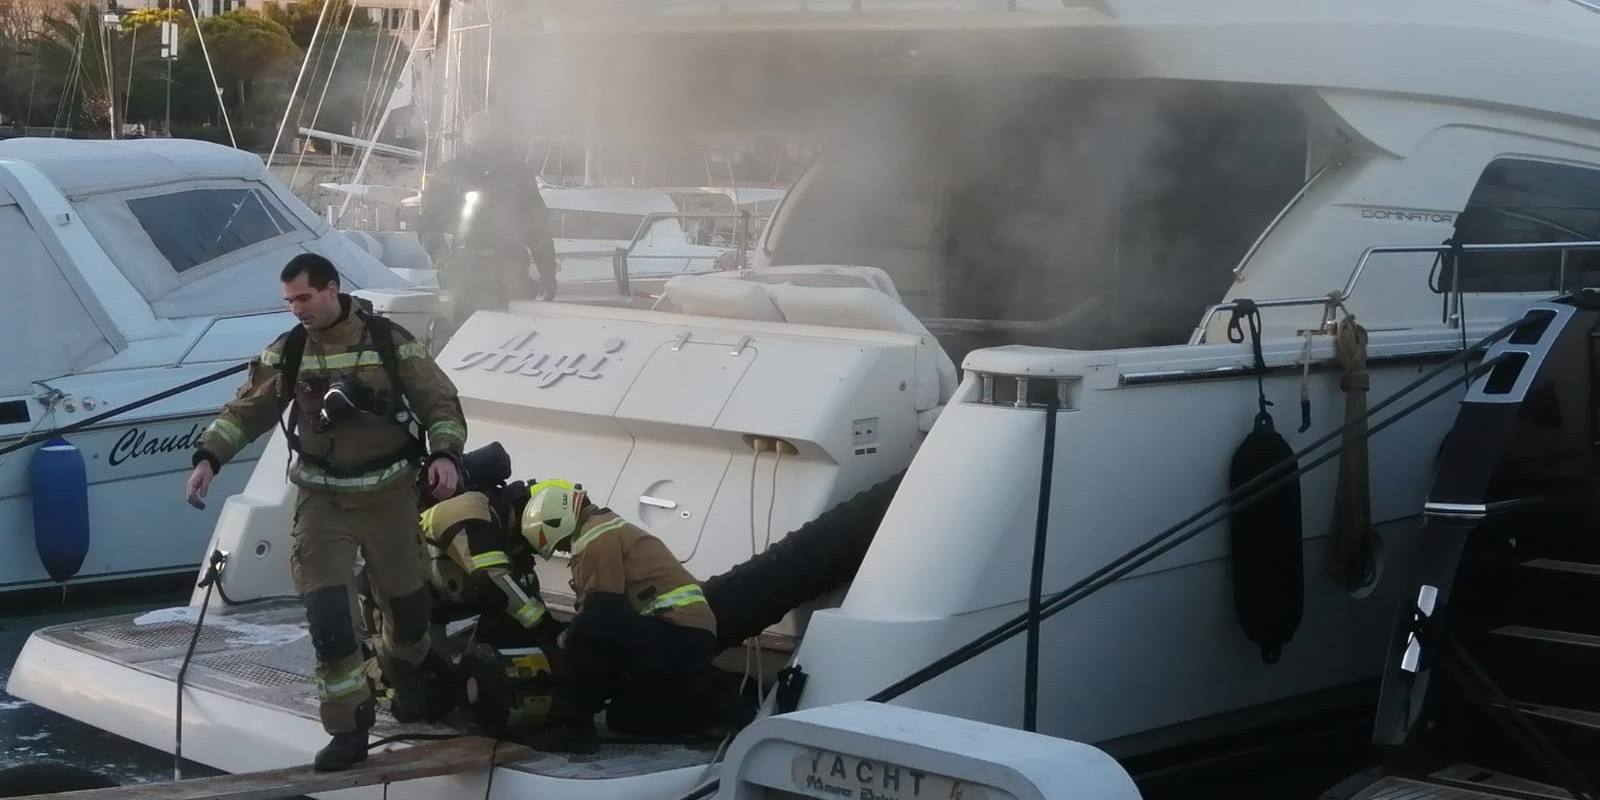 PODLEGAO OZLJEDAMA Preminuo muškarac koji je planuo na brodici u marini